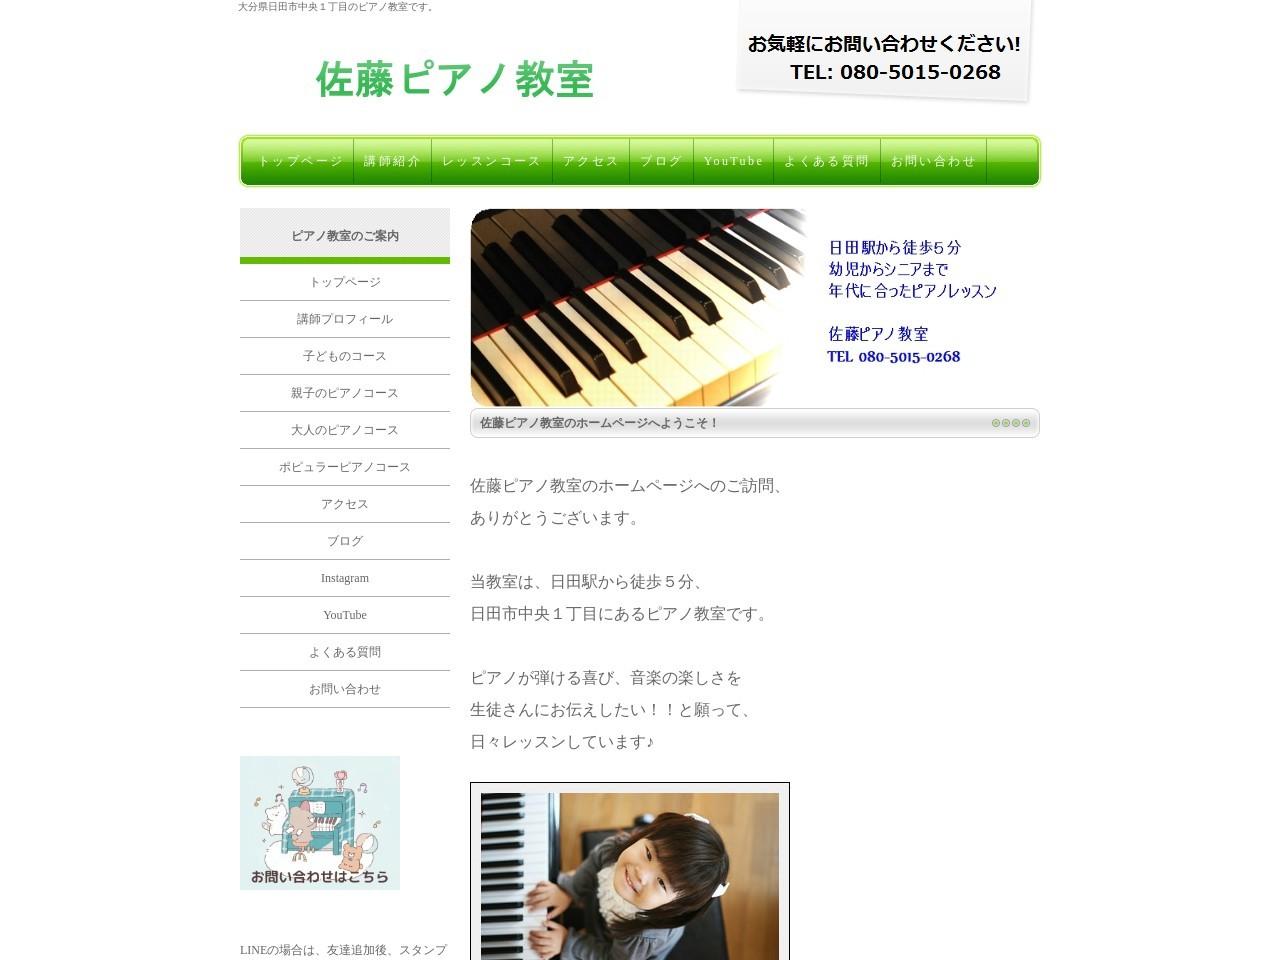 佐藤ピアノ教室のサムネイル